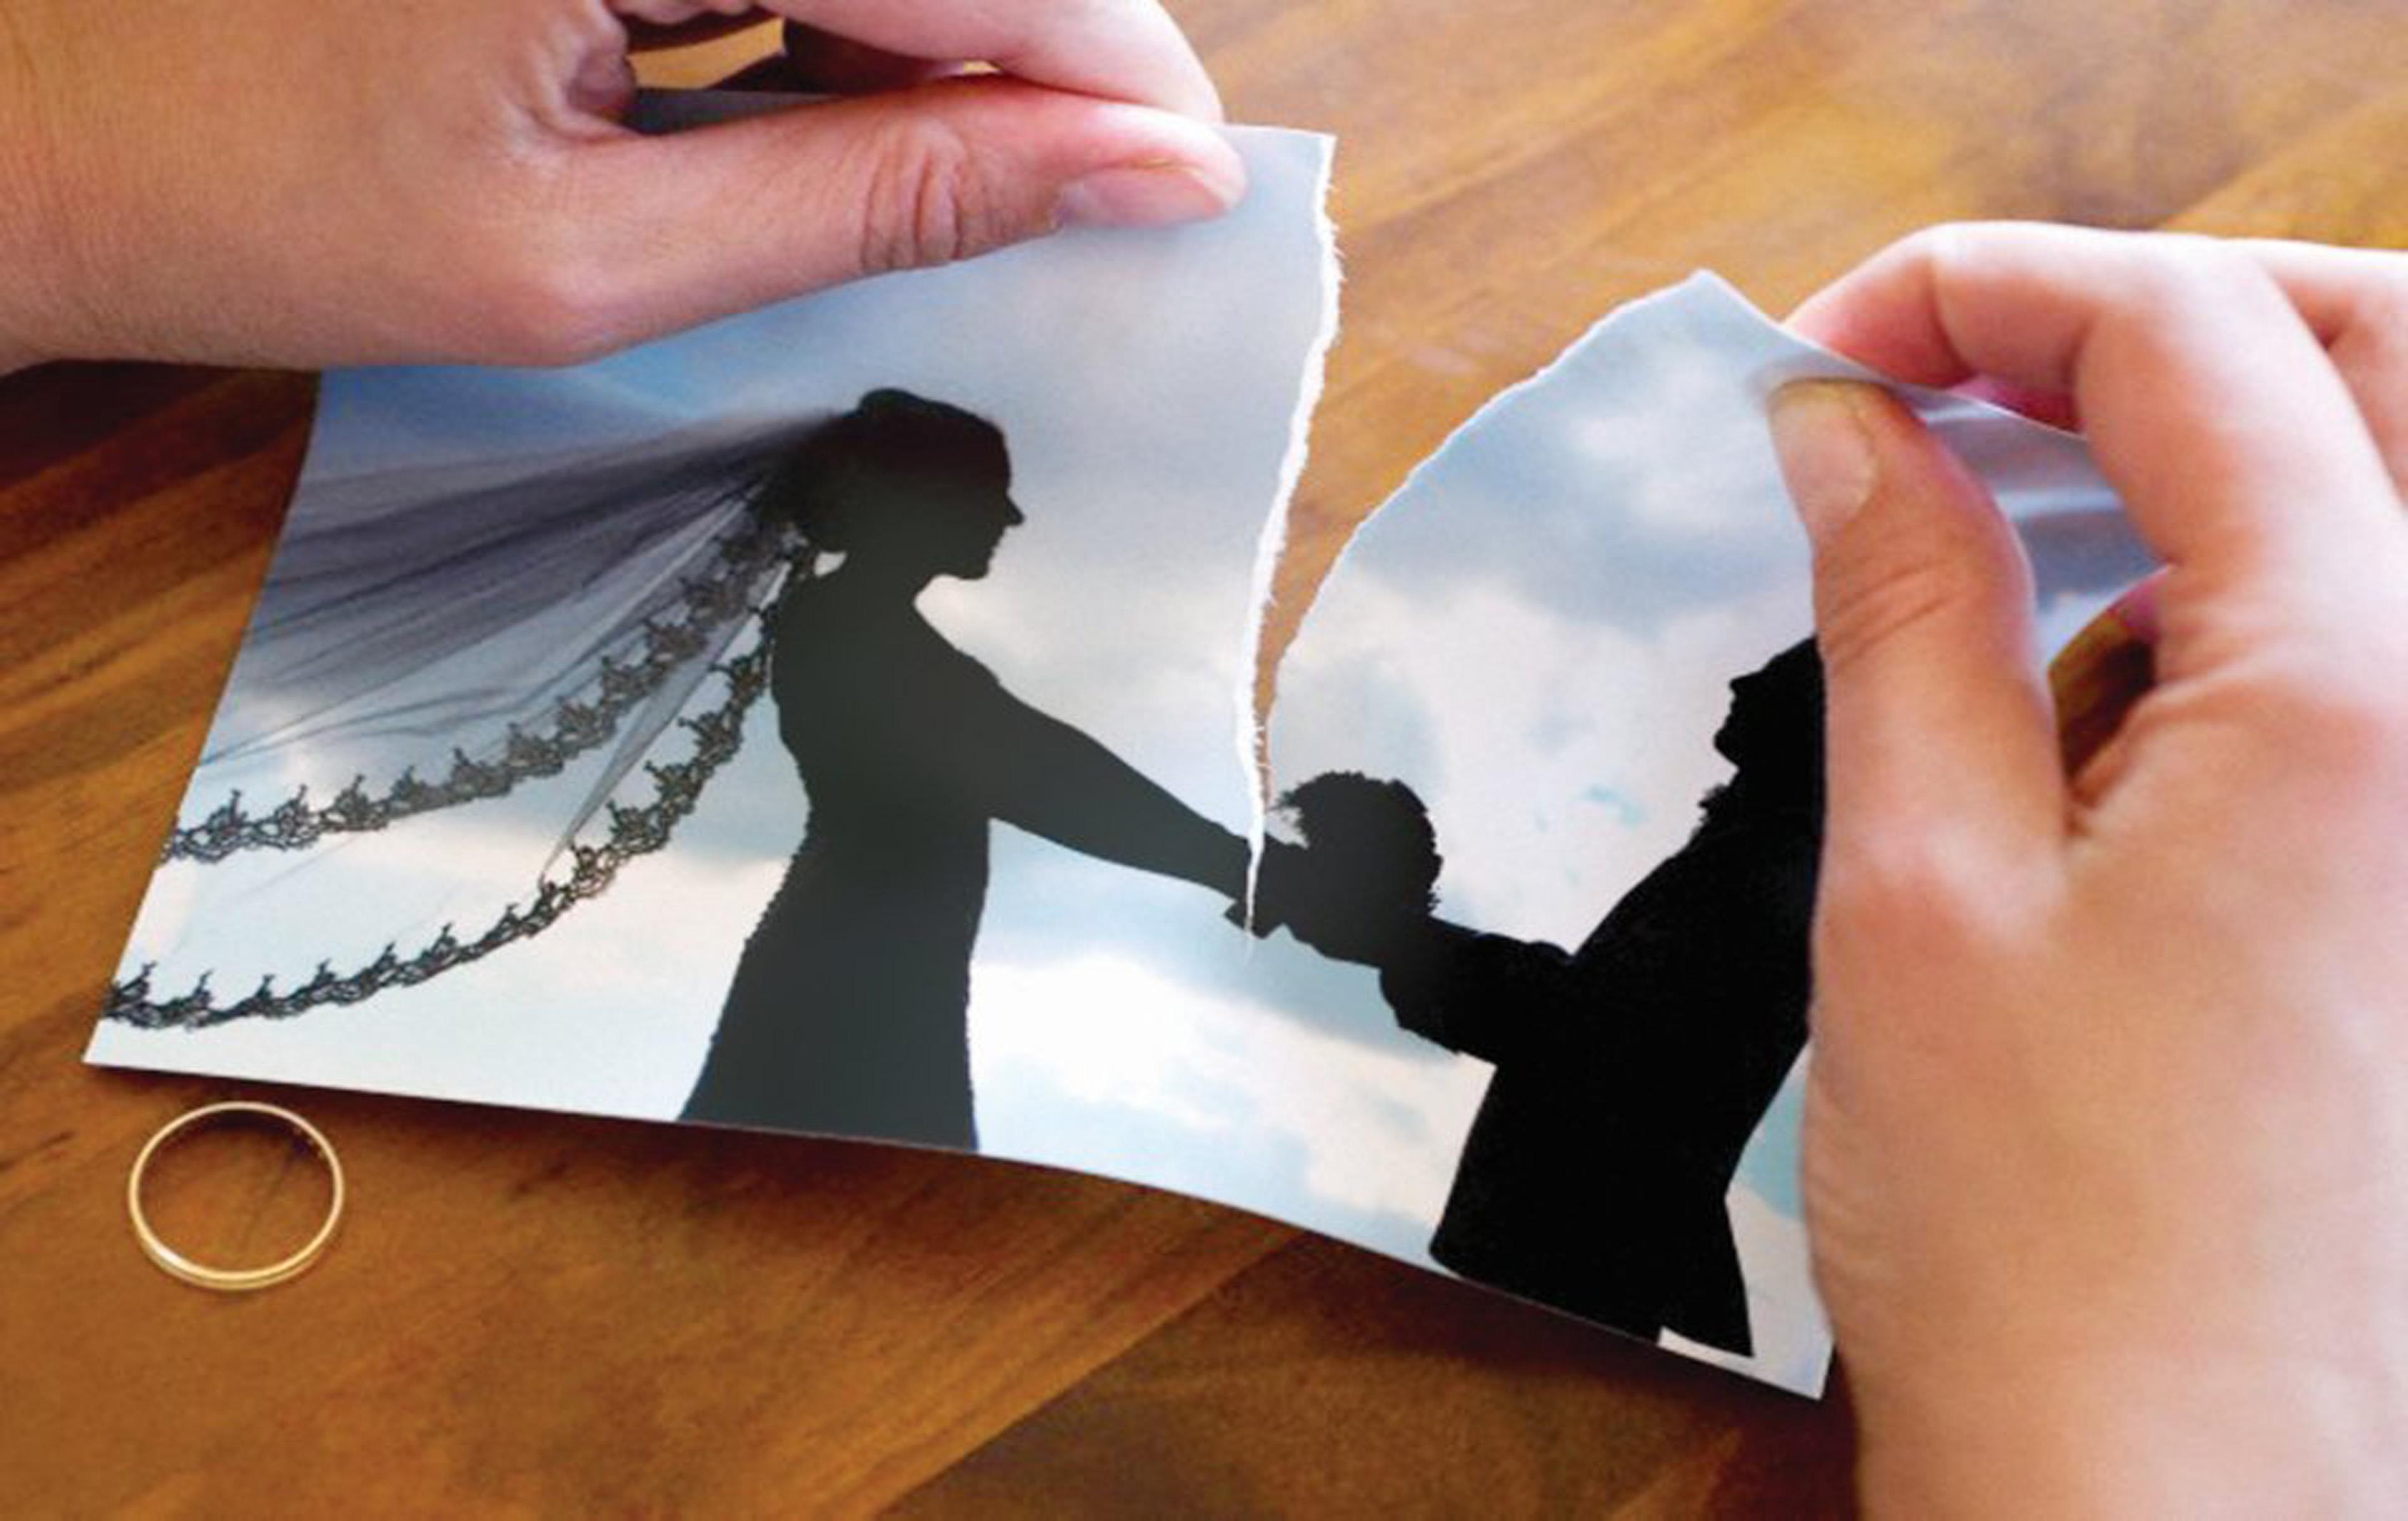 پاورپوینت کارگاه آموزشی سازگاری با طلاق